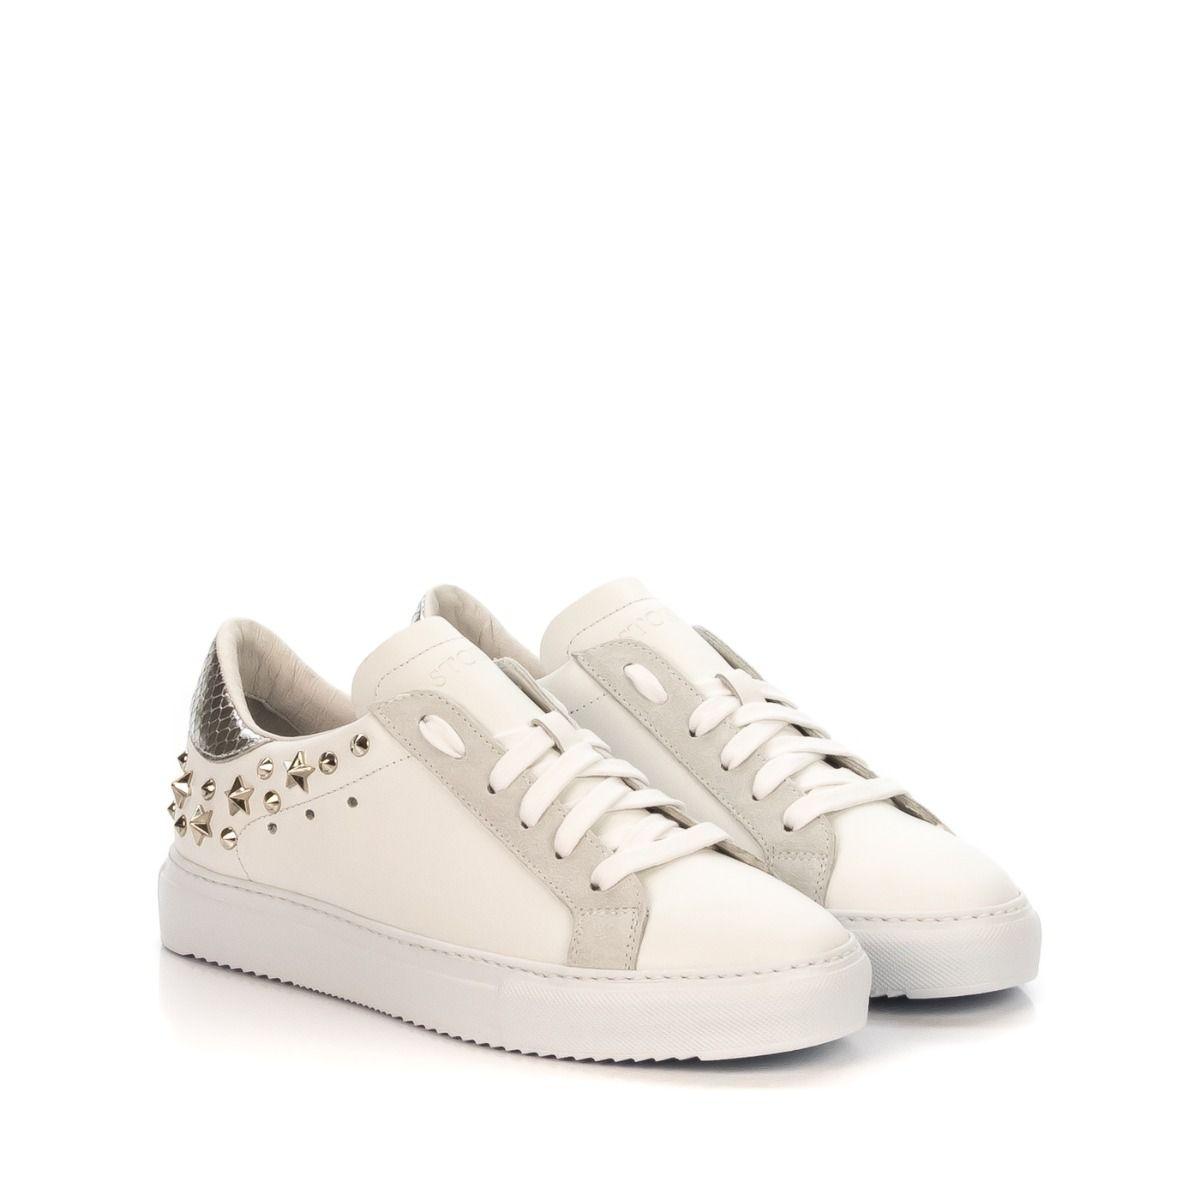 STOKTON 356D sneakers donna borchie argento Spedizione